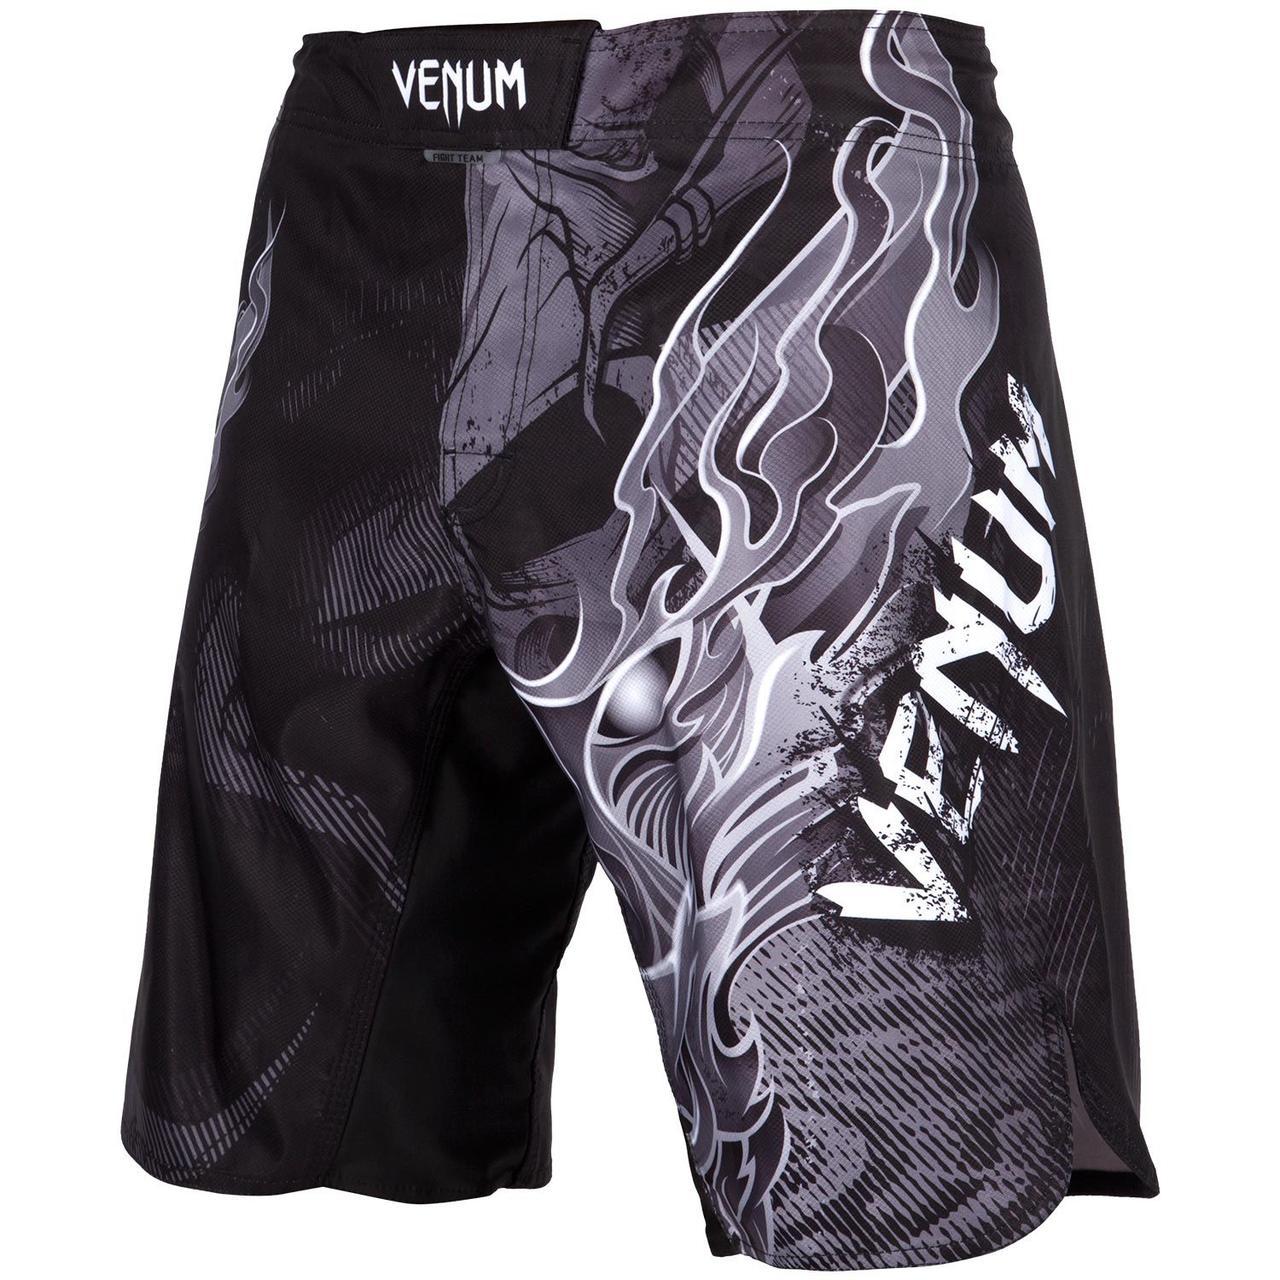 Шорты для MMA Venum Minotaurus Fightshorts Black